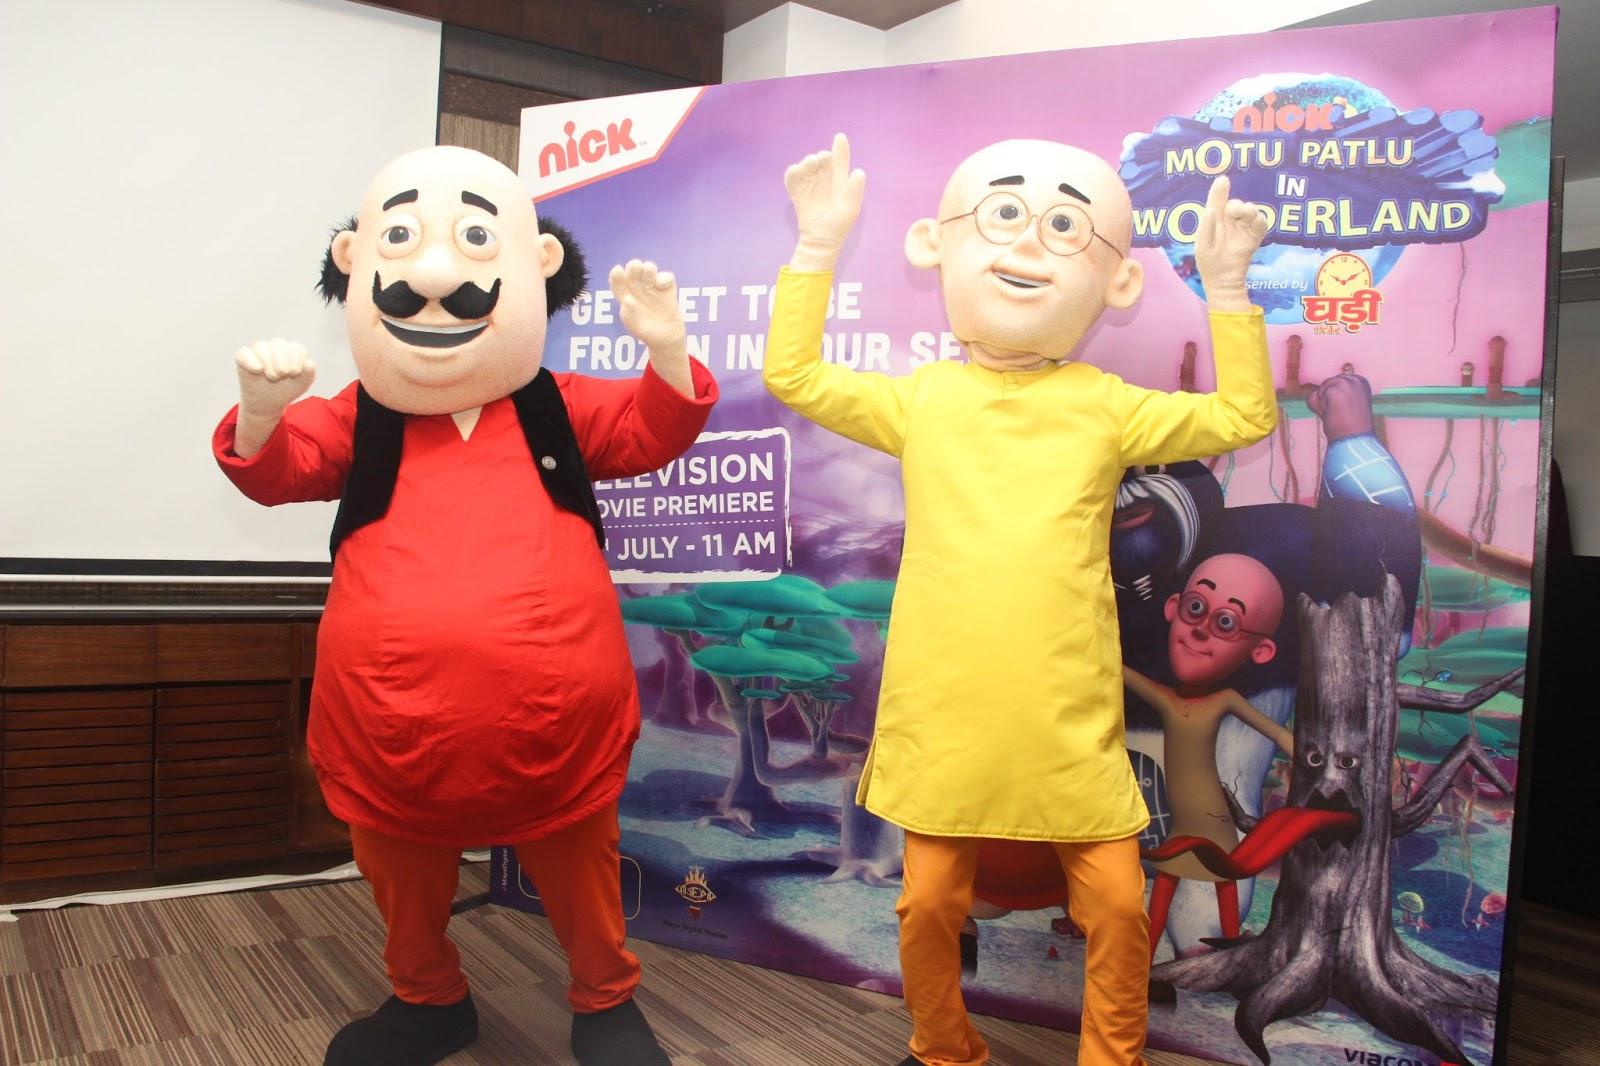 Motu and Patlu at the preview of Motu Patlu in Wonderland on July 3, 2013